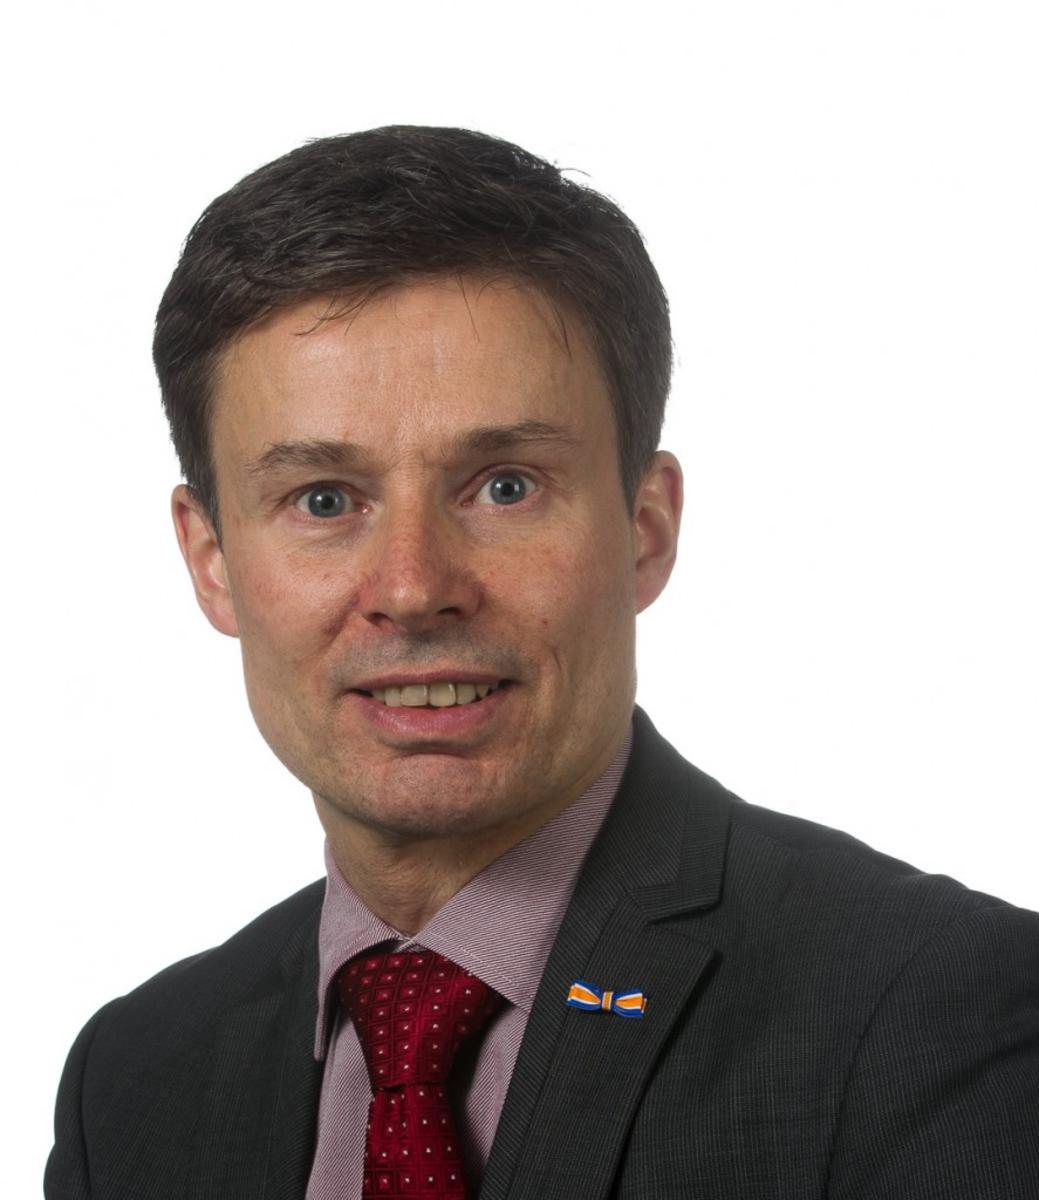 Huub Hieltjes uit Breda is namens de VVD kandidaat voor de Europese verkiezingen in 2014.